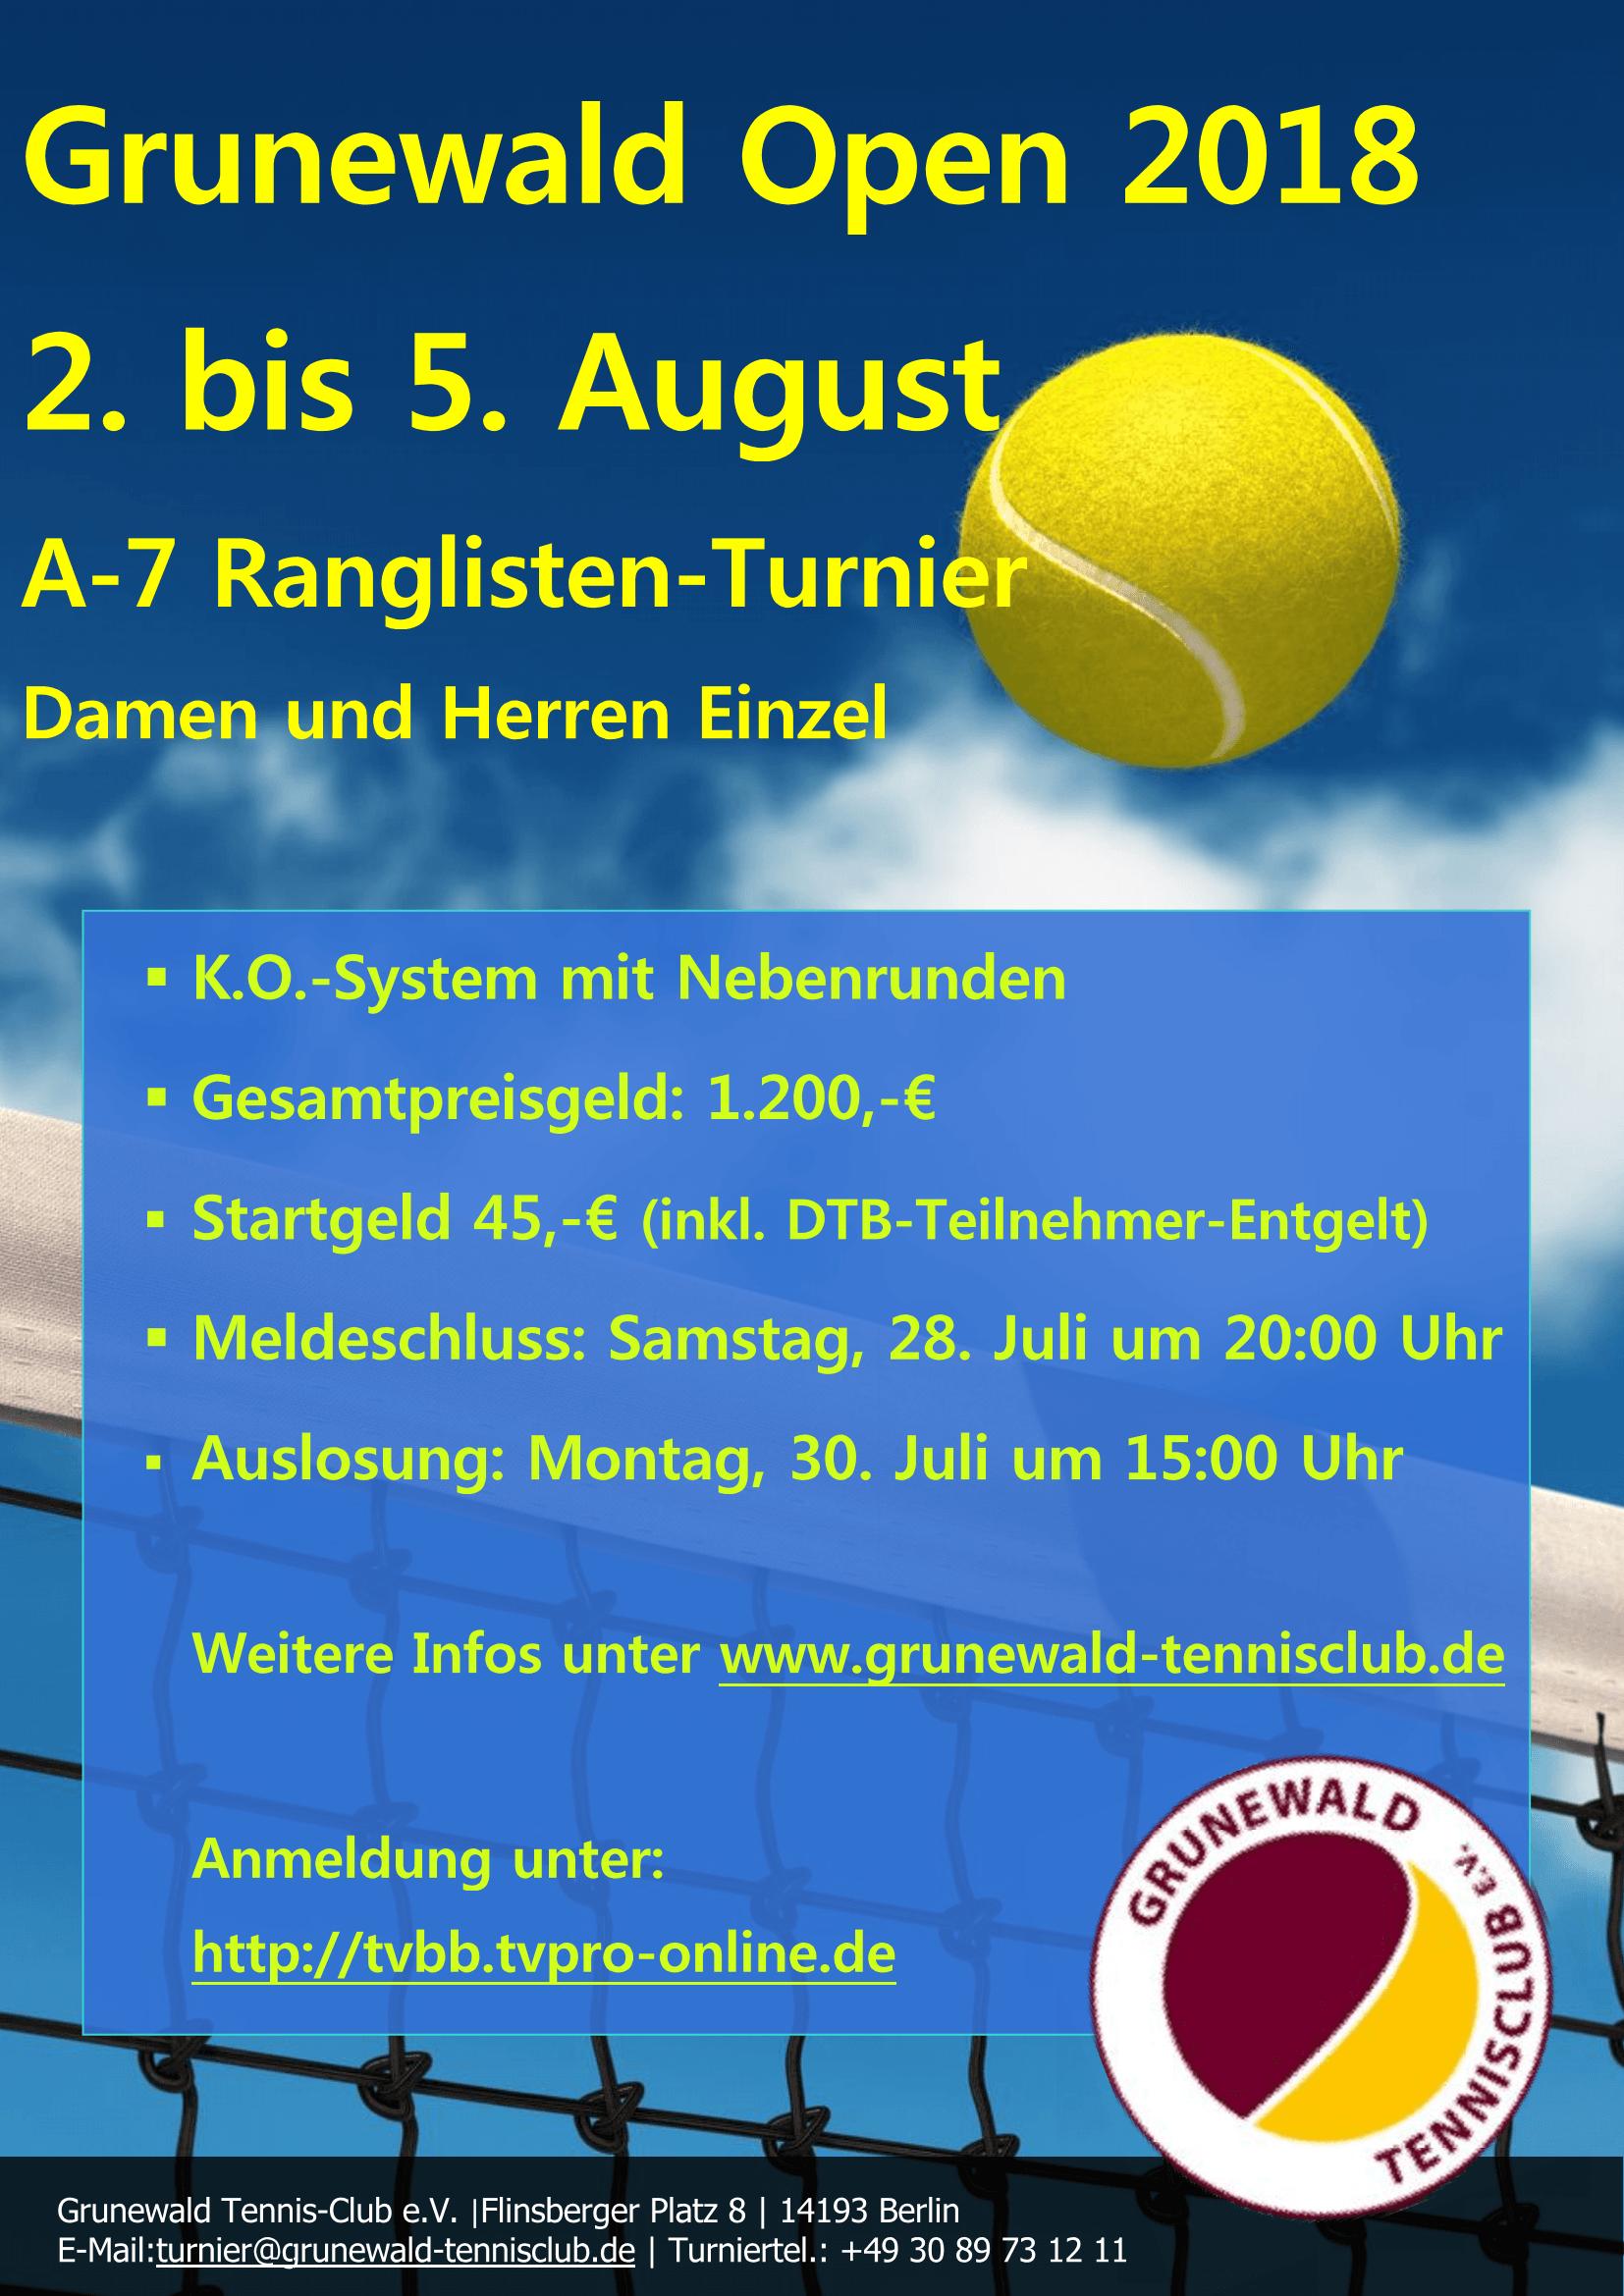 Grunewald Open 2018